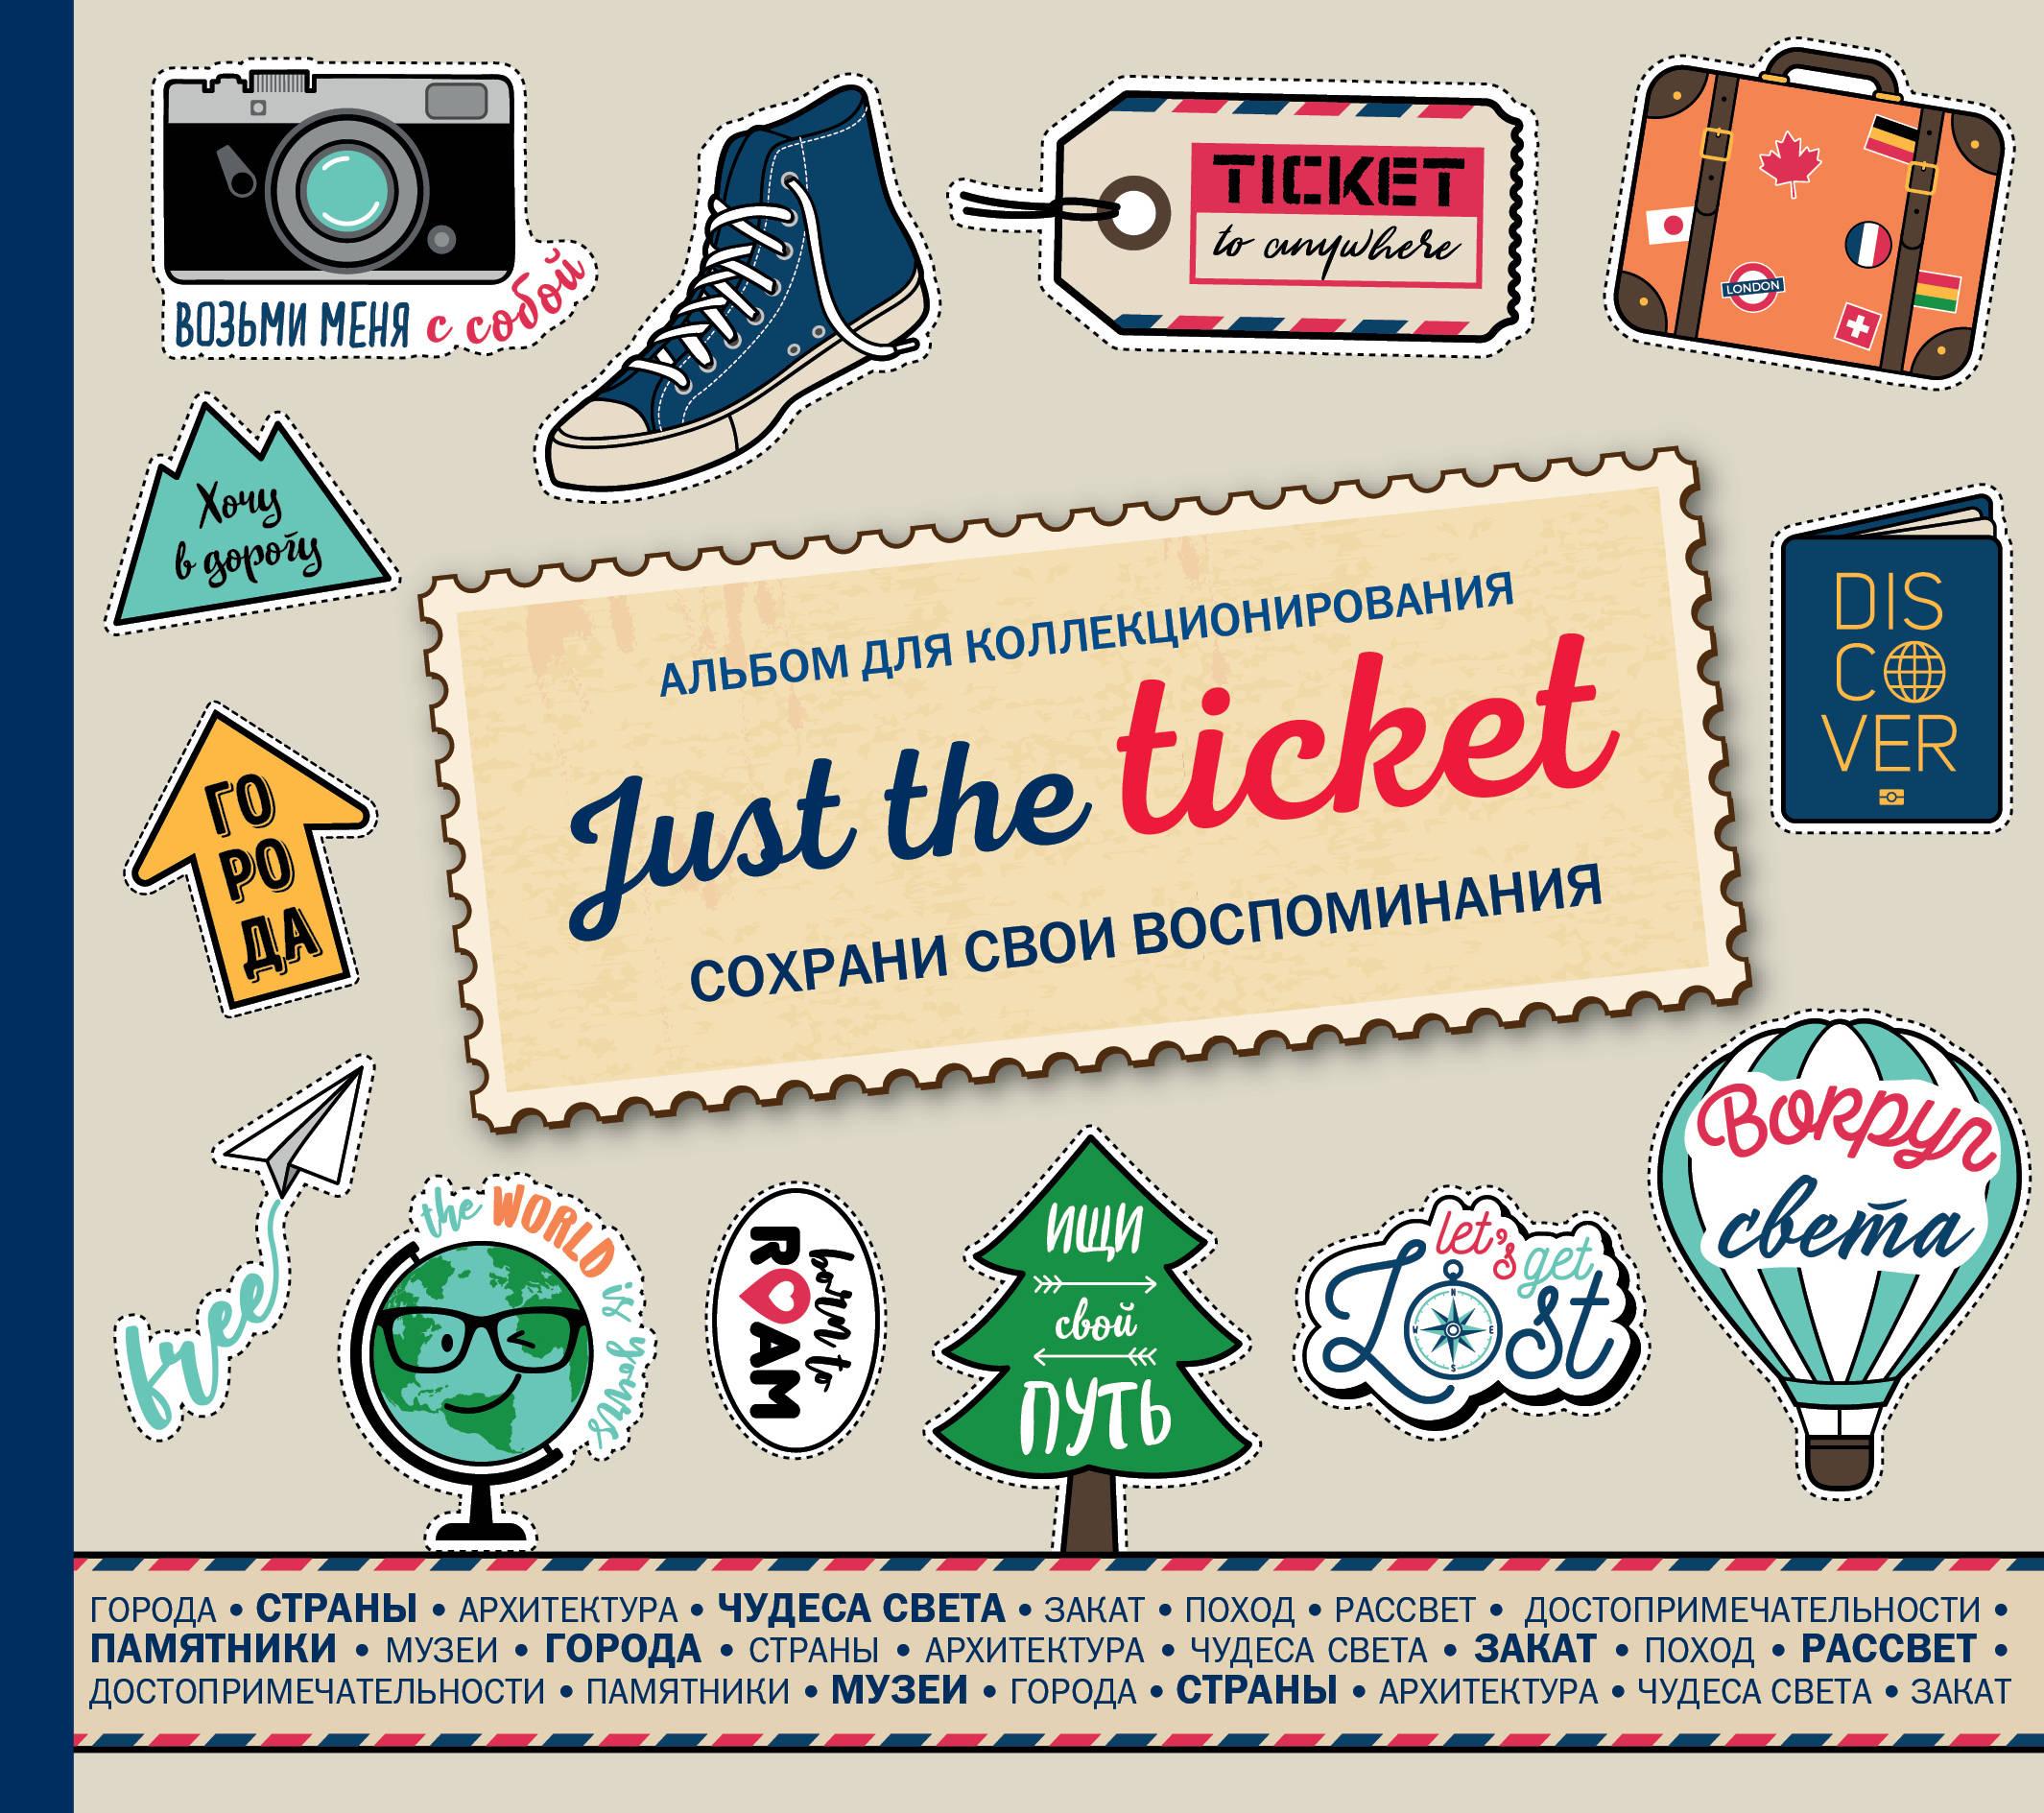 Just the ticket. Альбом для коллекционирования (путешествия)